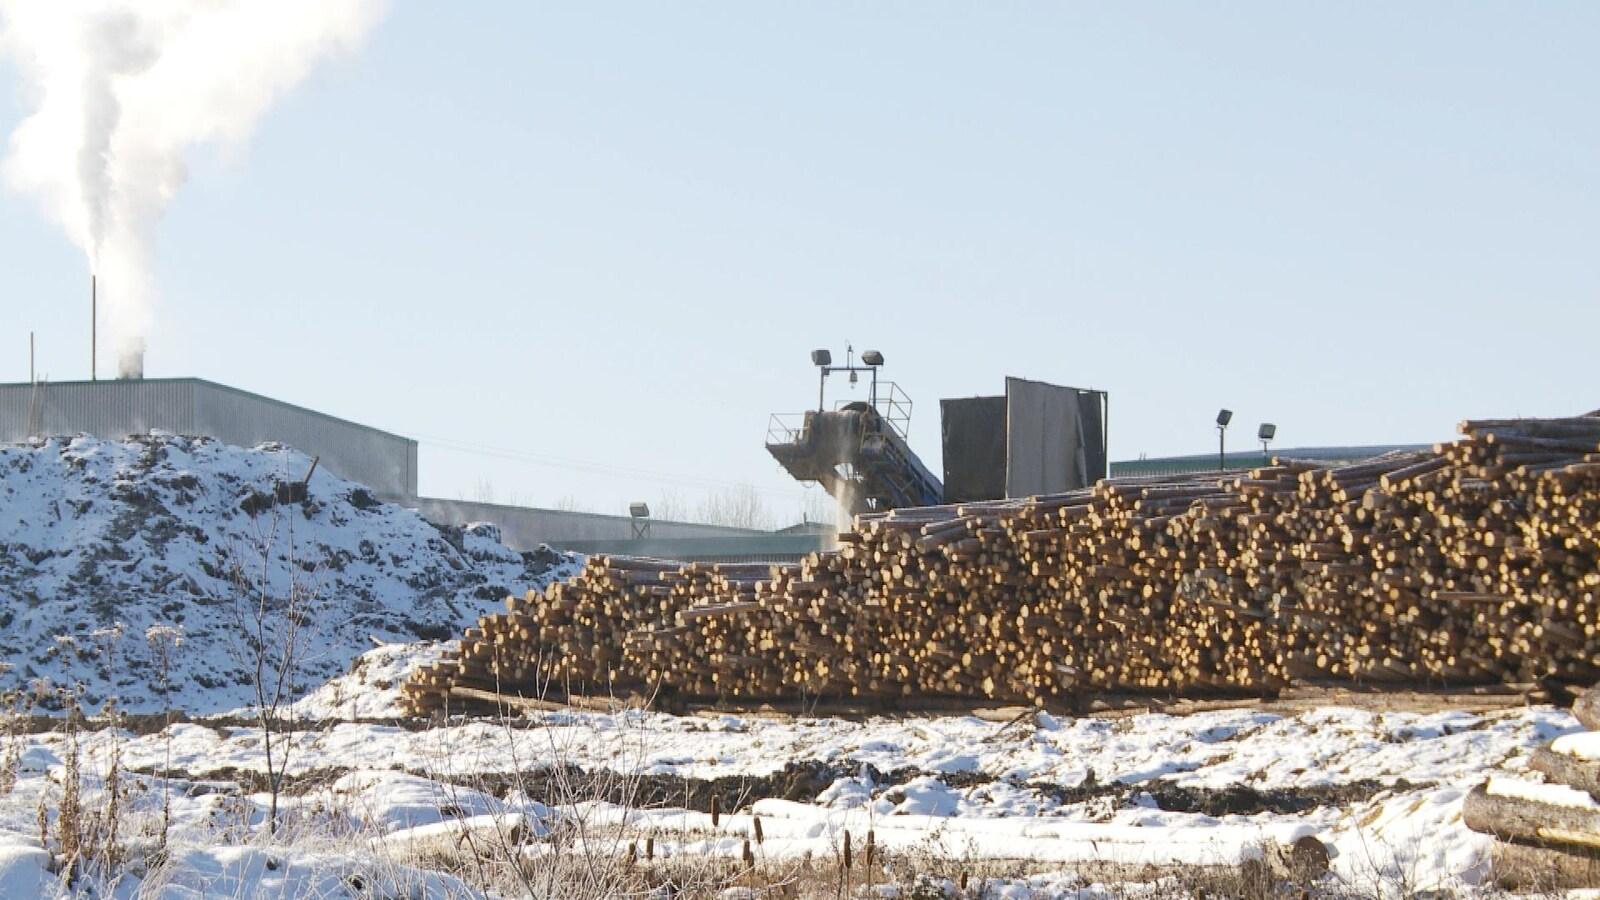 L'usine de Produits Forestiers Résolu de Senneterre avec, aux devants, une centaine d'arbres coupés empilés.